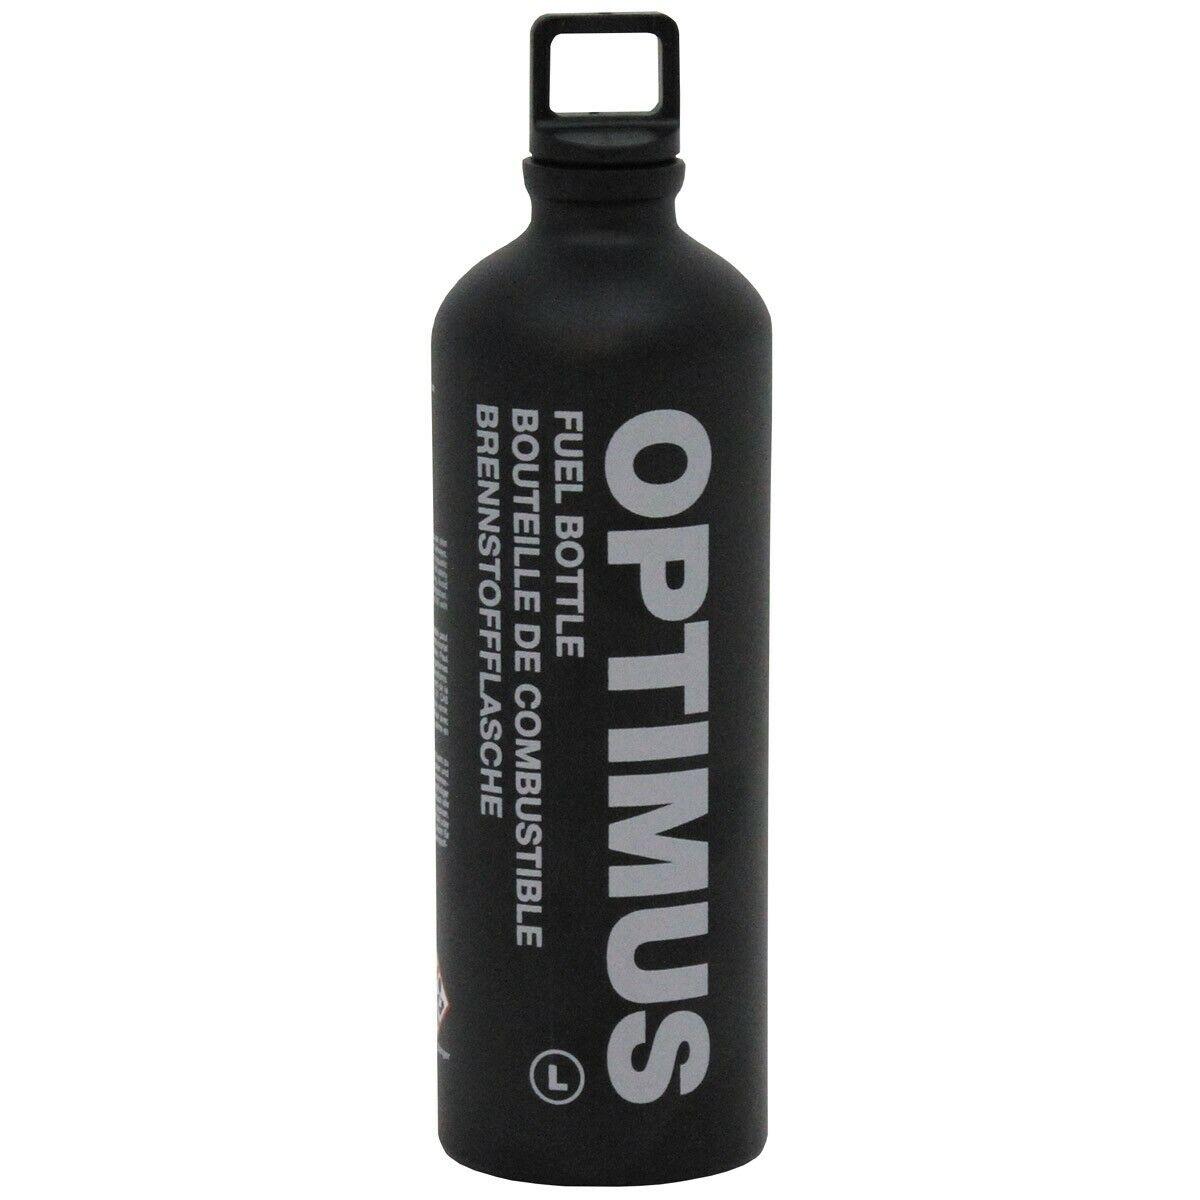 Optimus Brennstoffflasche Tactical Schwarz Fuel Bottle 0,6/1 Liter Benzinflasche